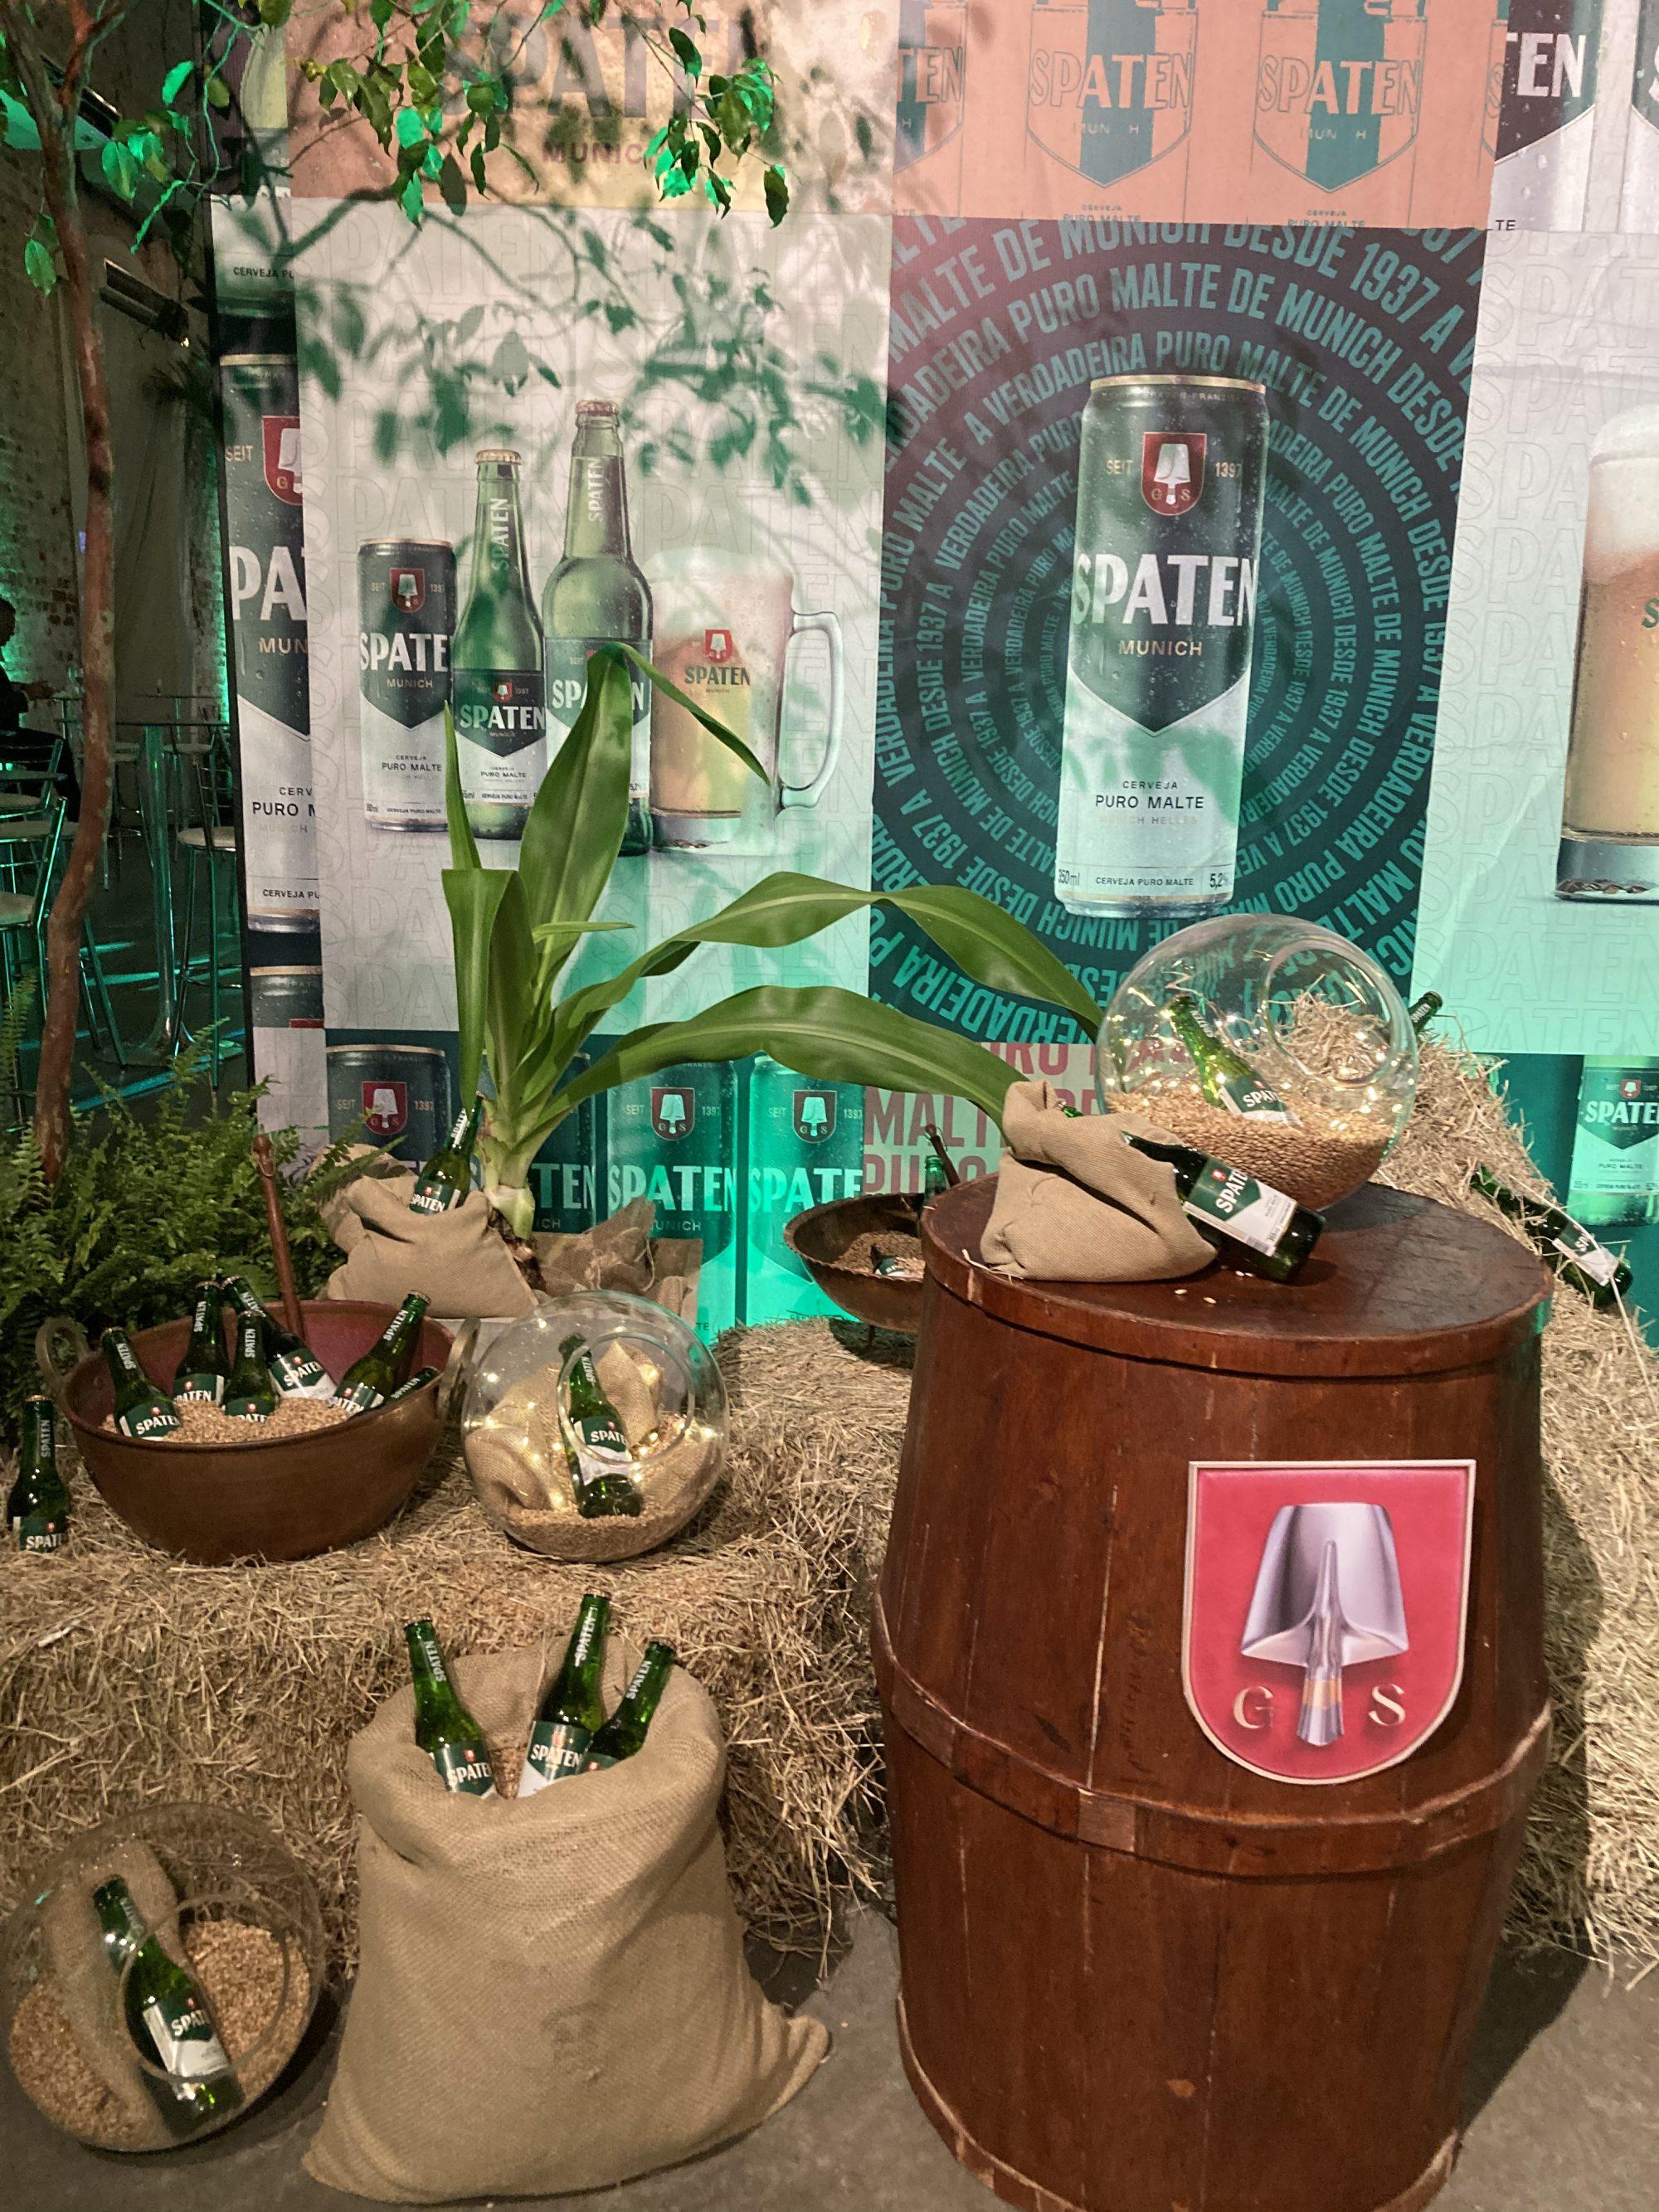 Cerveja Spaten chega em Pernambuco